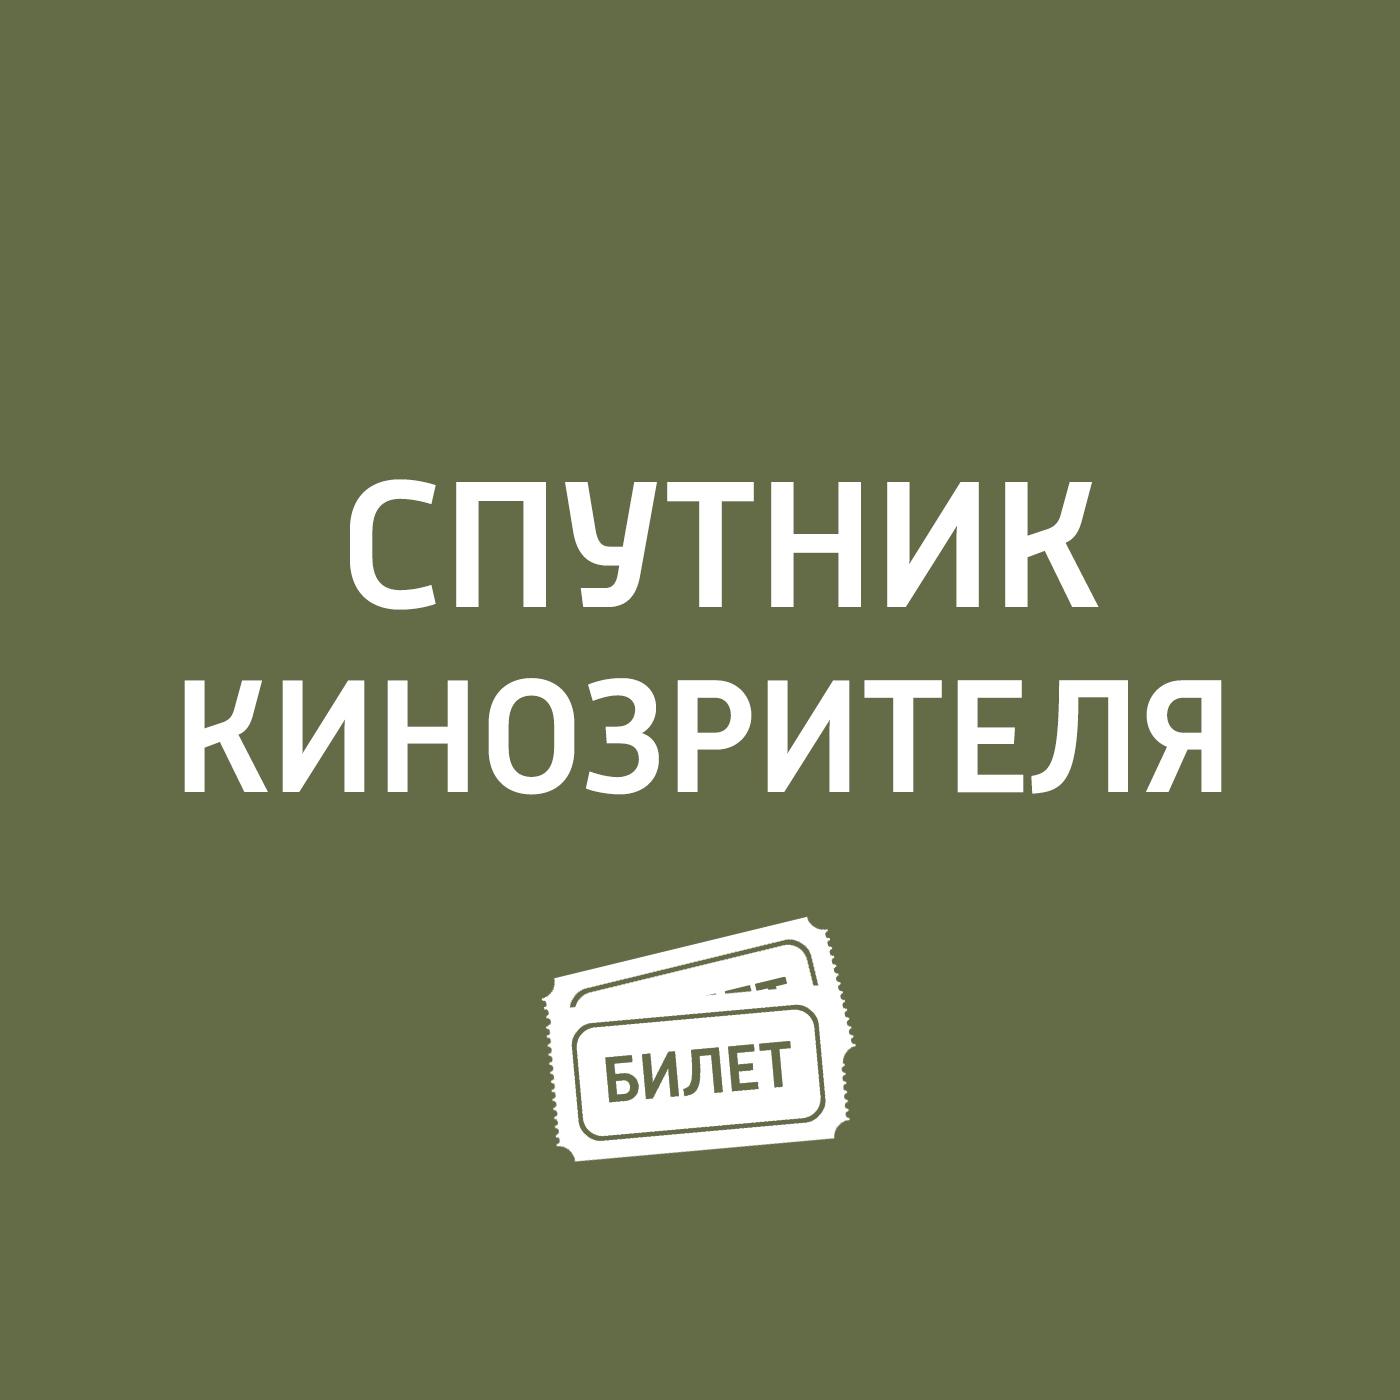 Антон Долин Солнечный удар, «Кино про Алексеева, «Выпускной, «Два дня, одна ночь